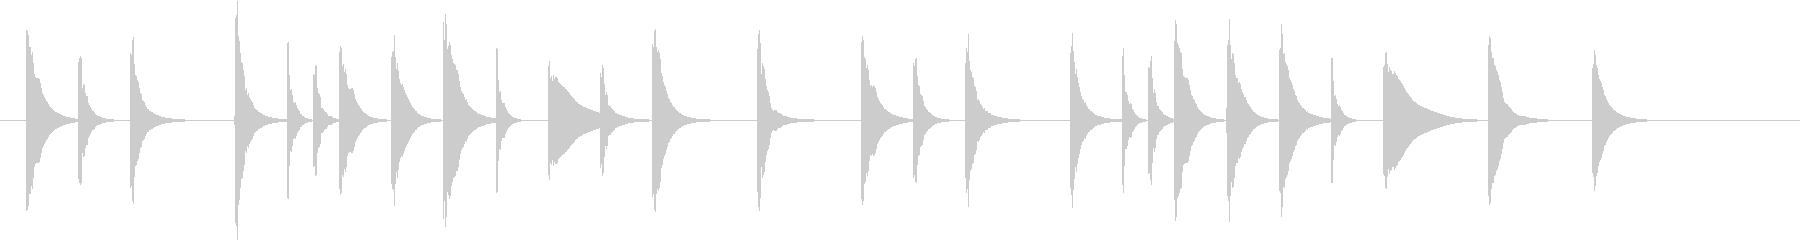 アニメ系ジングル_のんびり夏01の未再生の波形